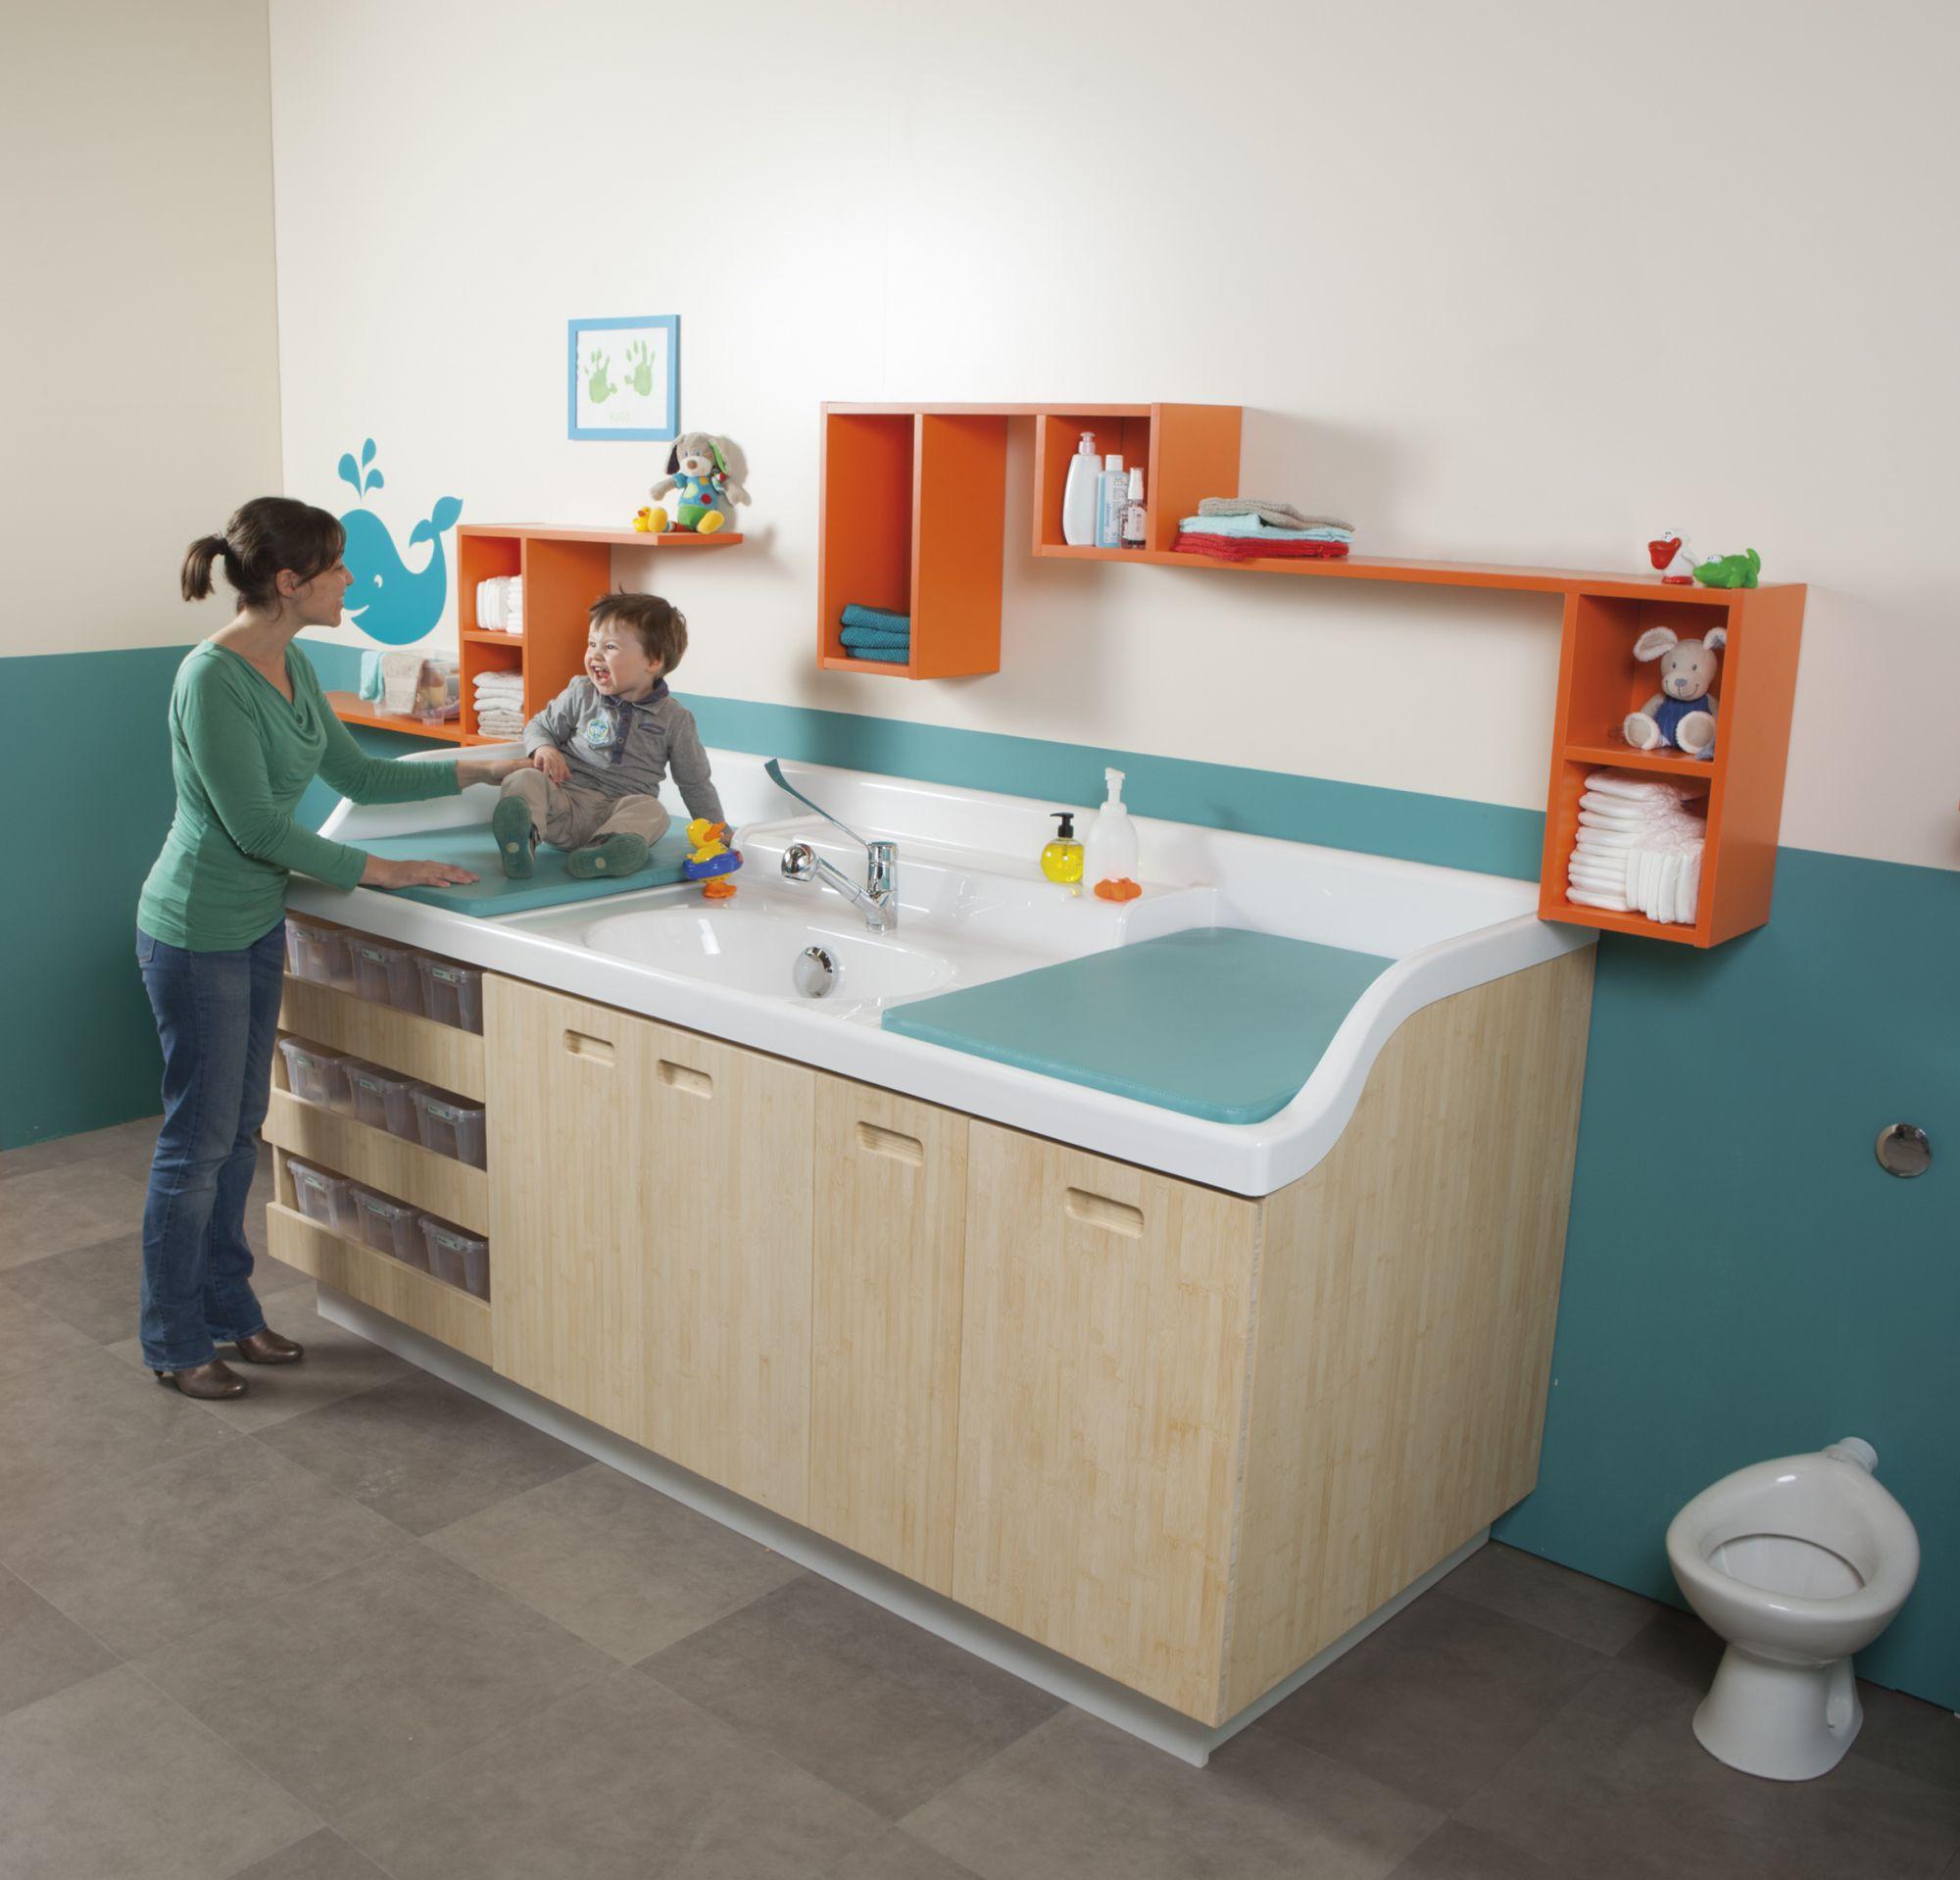 komplette ausstattung f r krippen und gro tagespflege 100. Black Bedroom Furniture Sets. Home Design Ideas